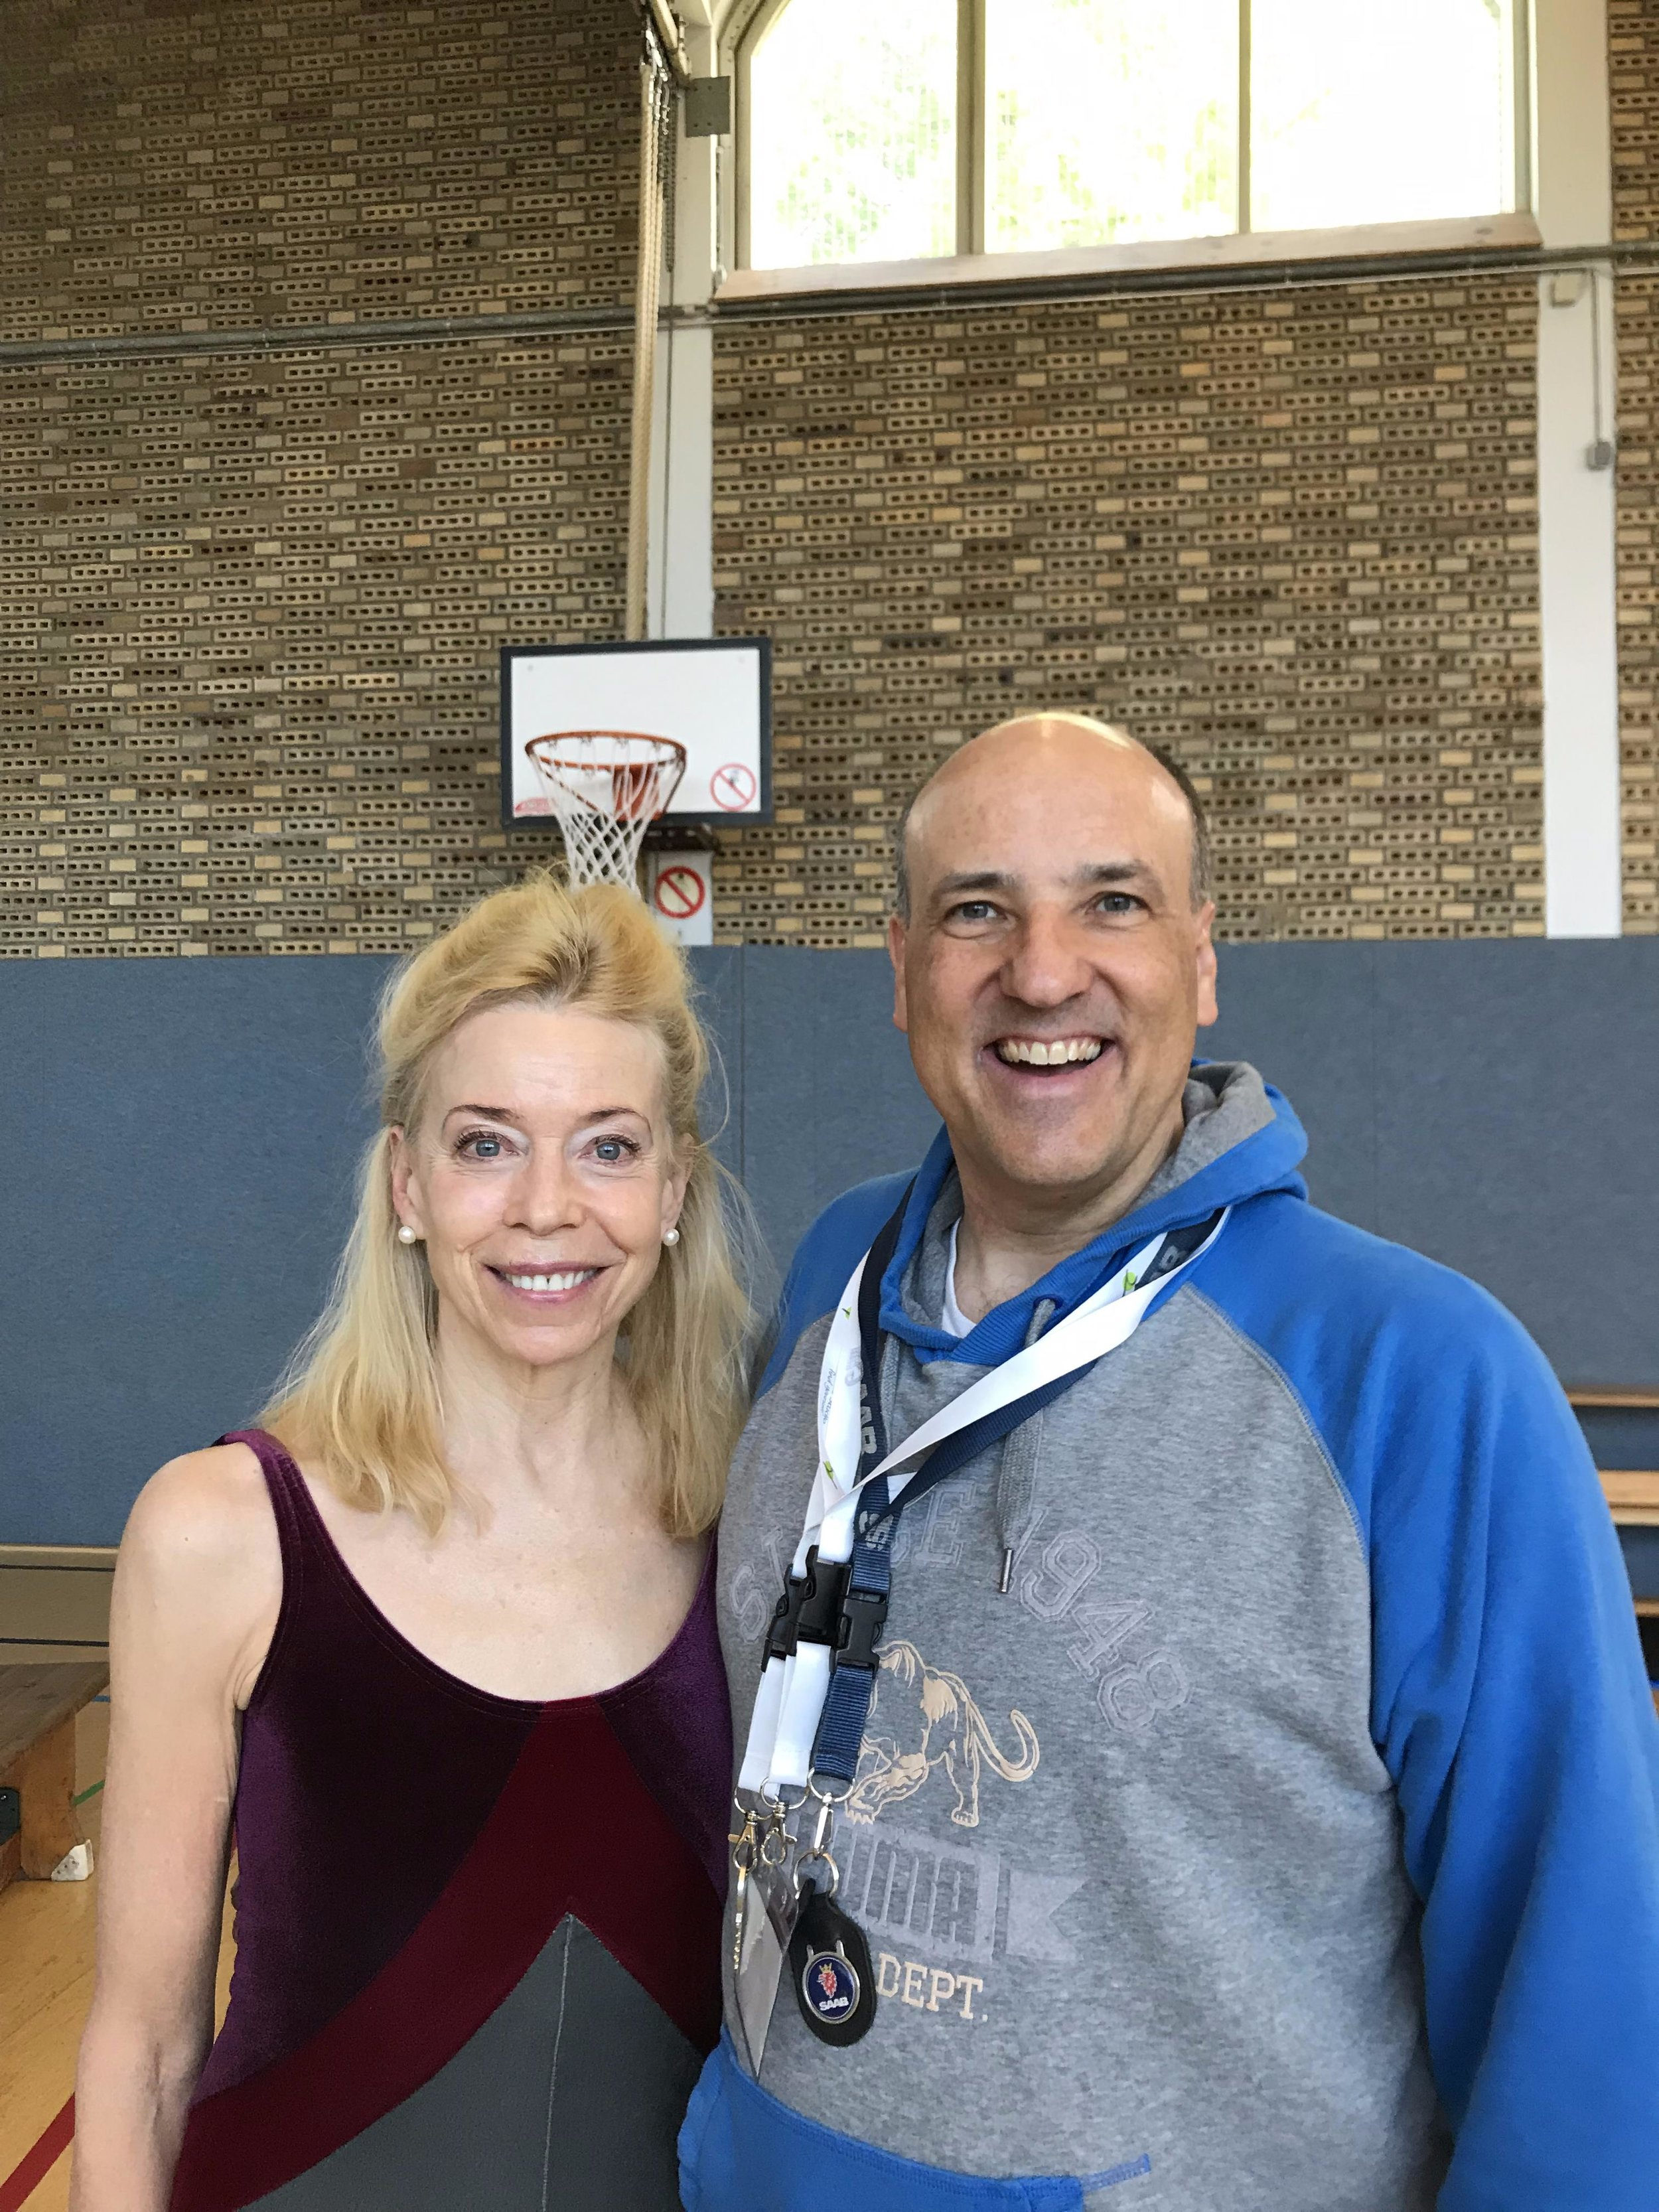 Elizabeth Larkam and me after the workshops.